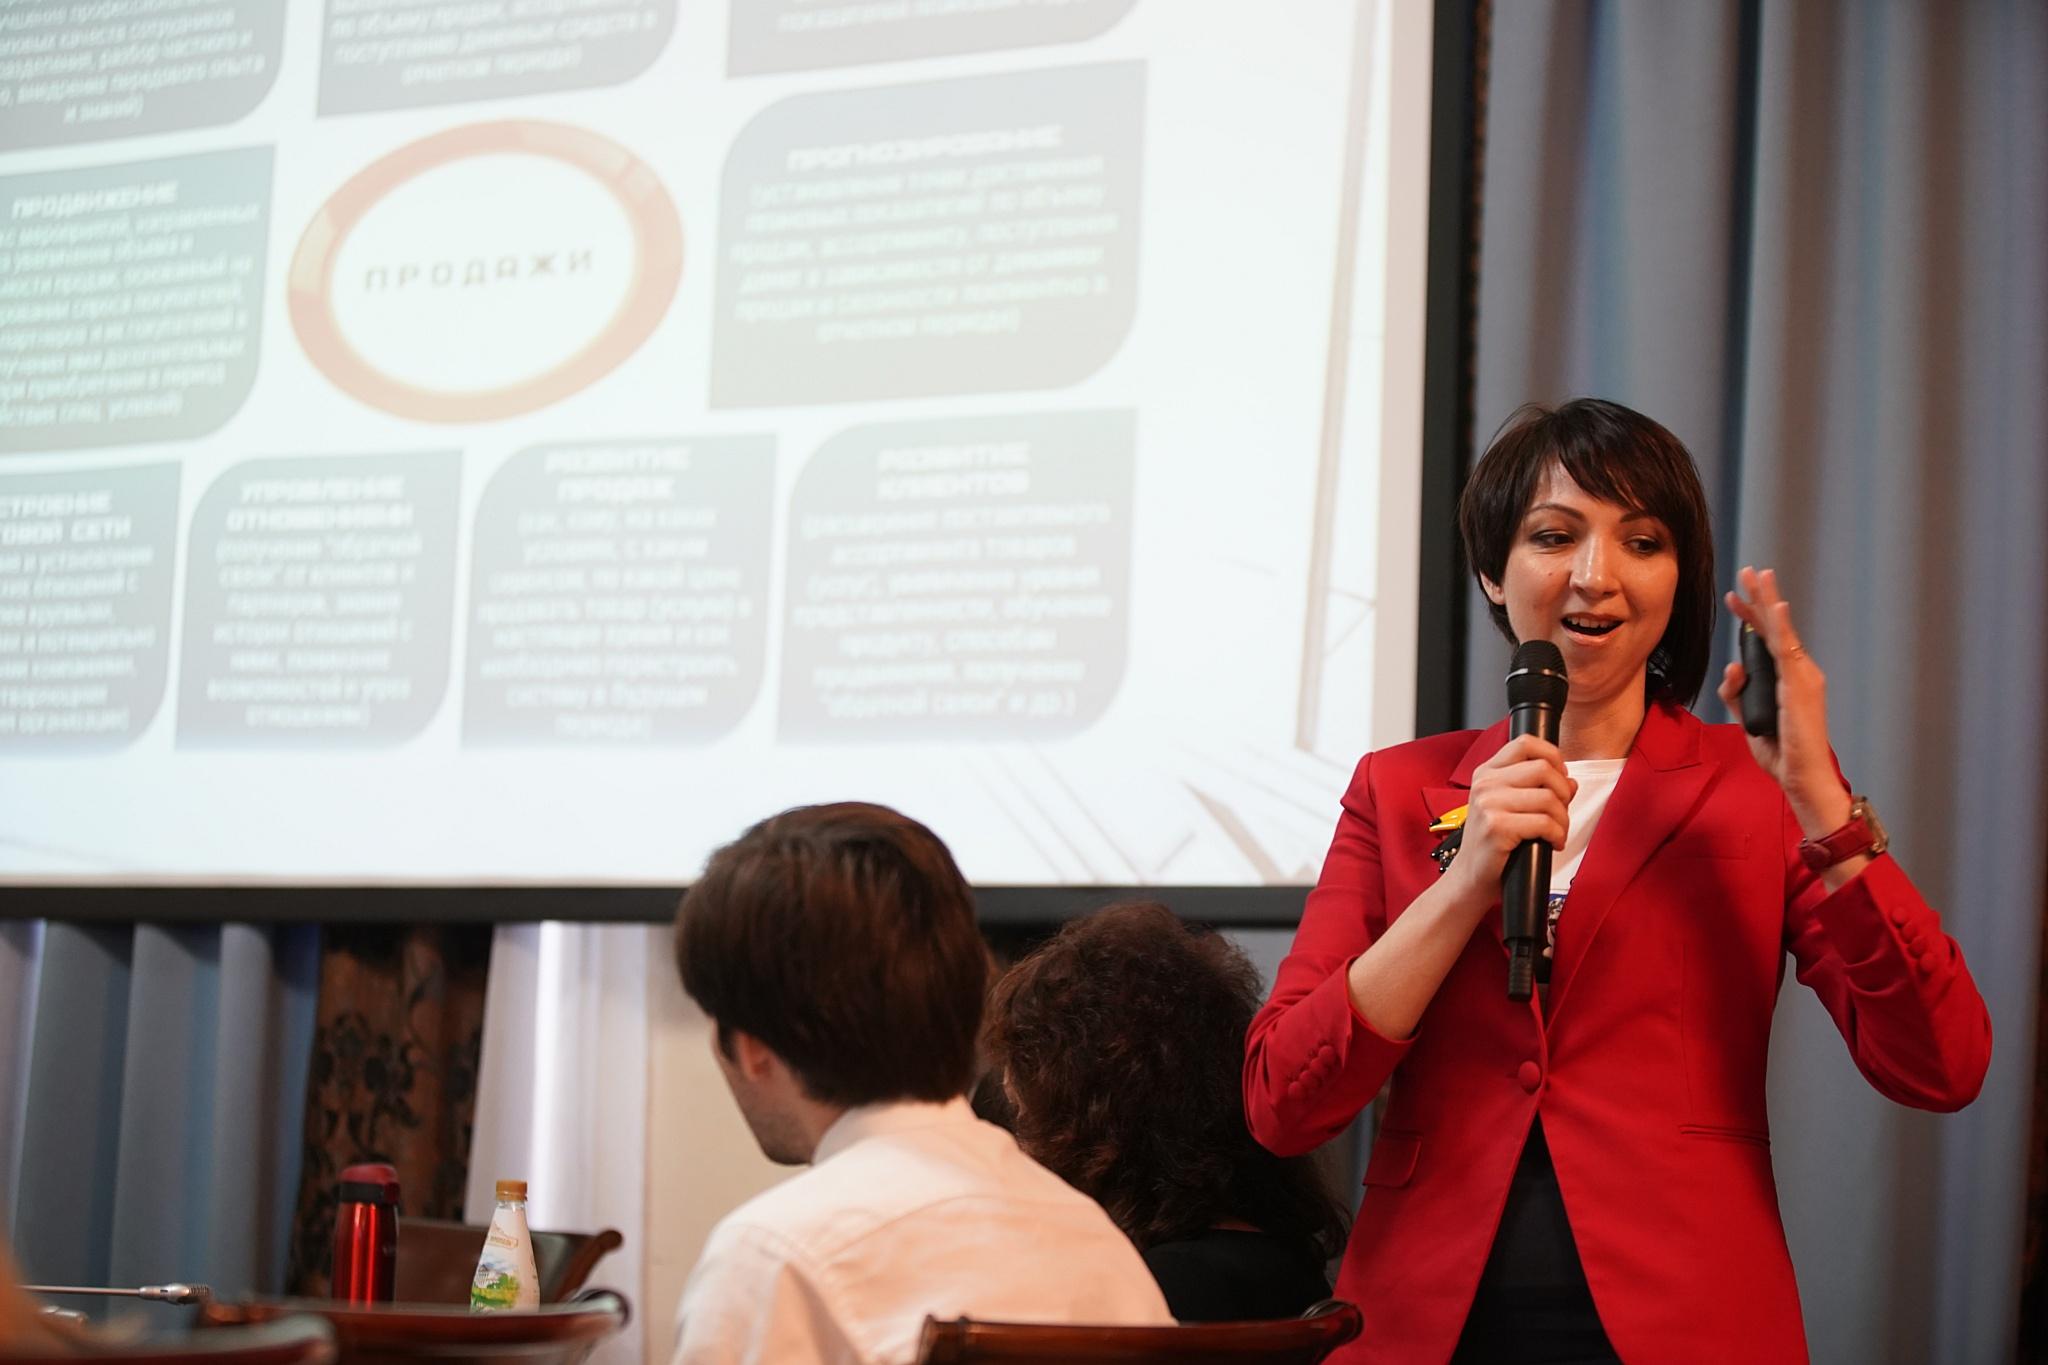 Гусева Олеся Леонидовна с упоением рассказывает о продажах